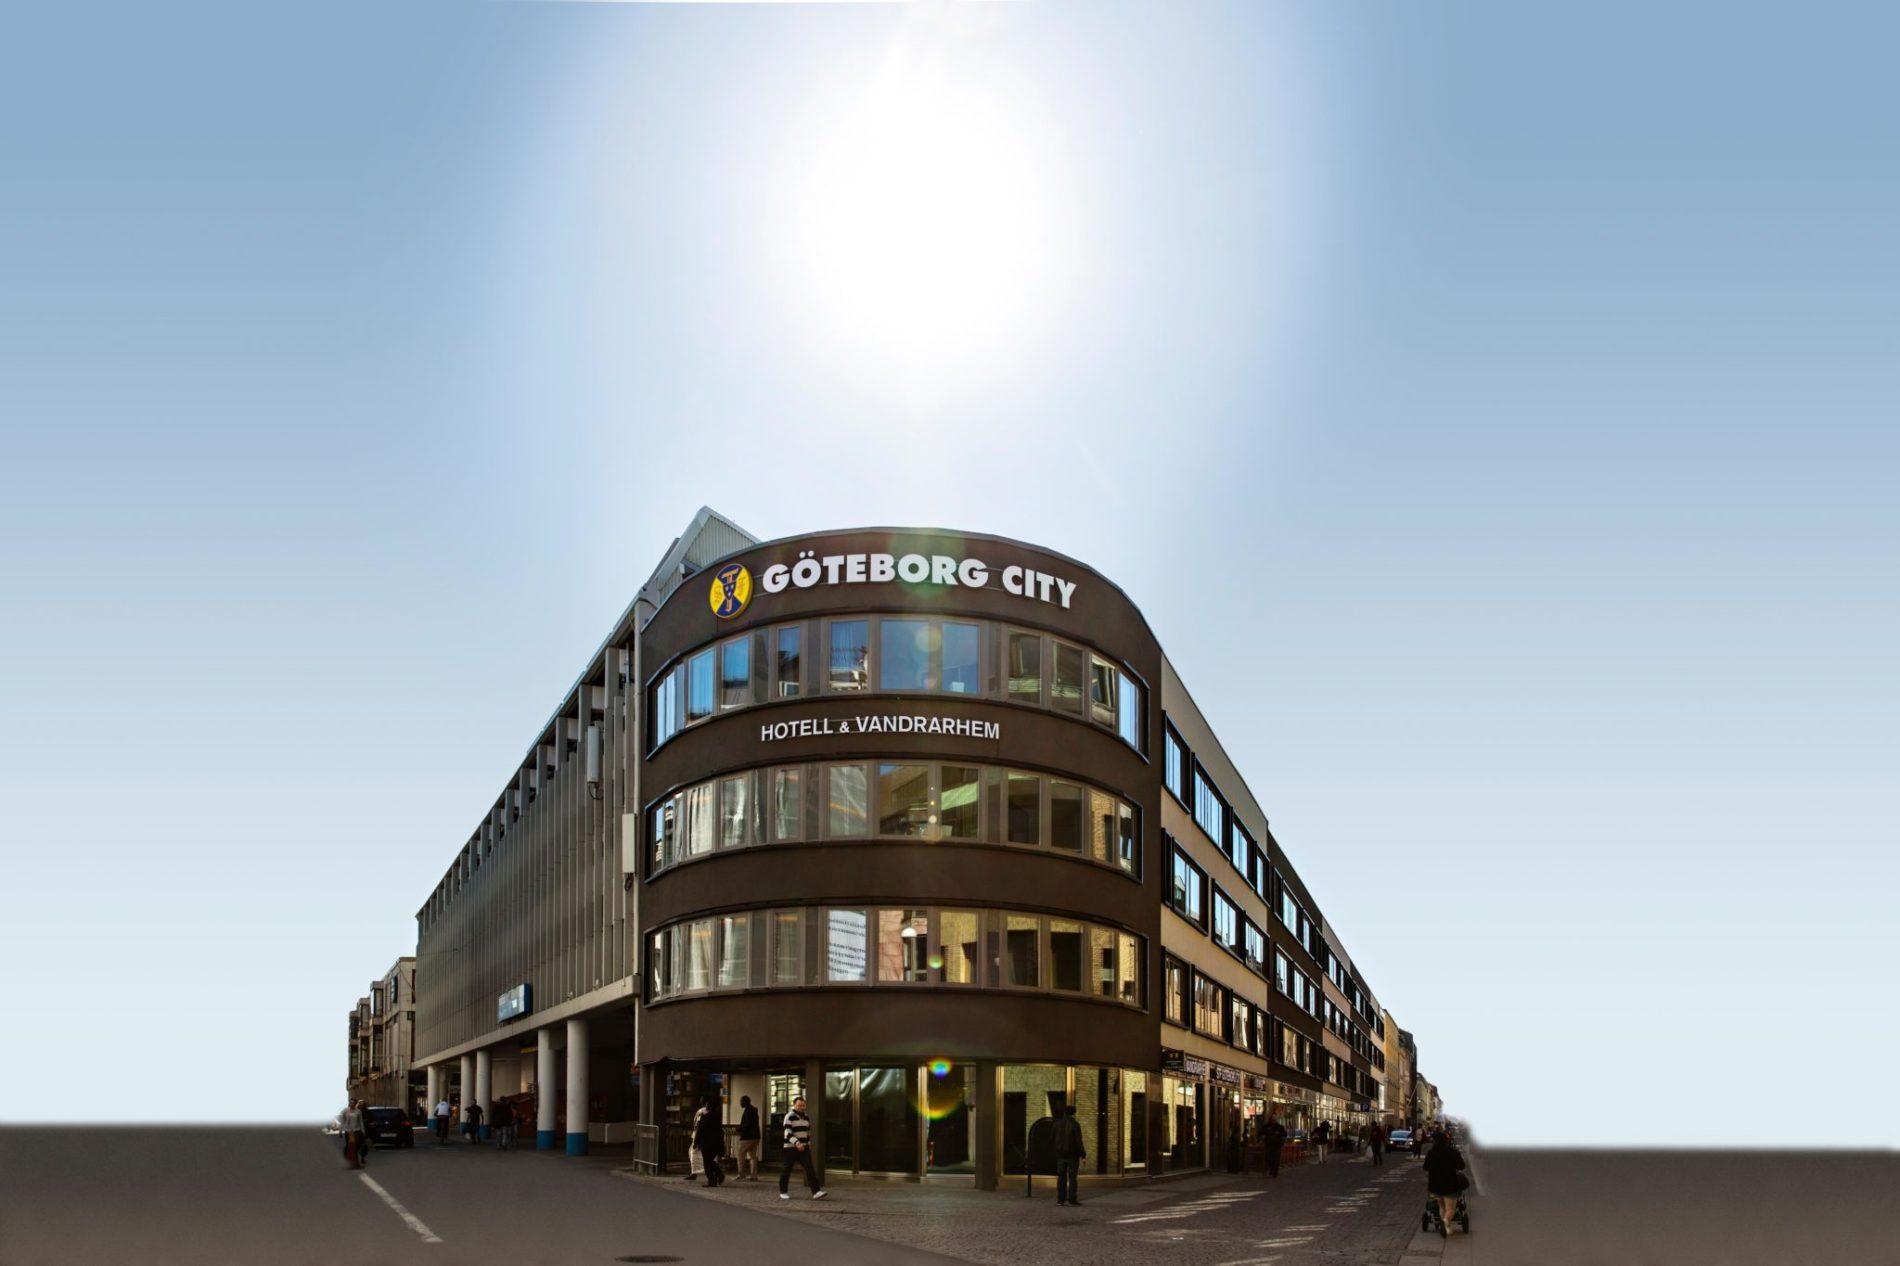 STF Göteborg City